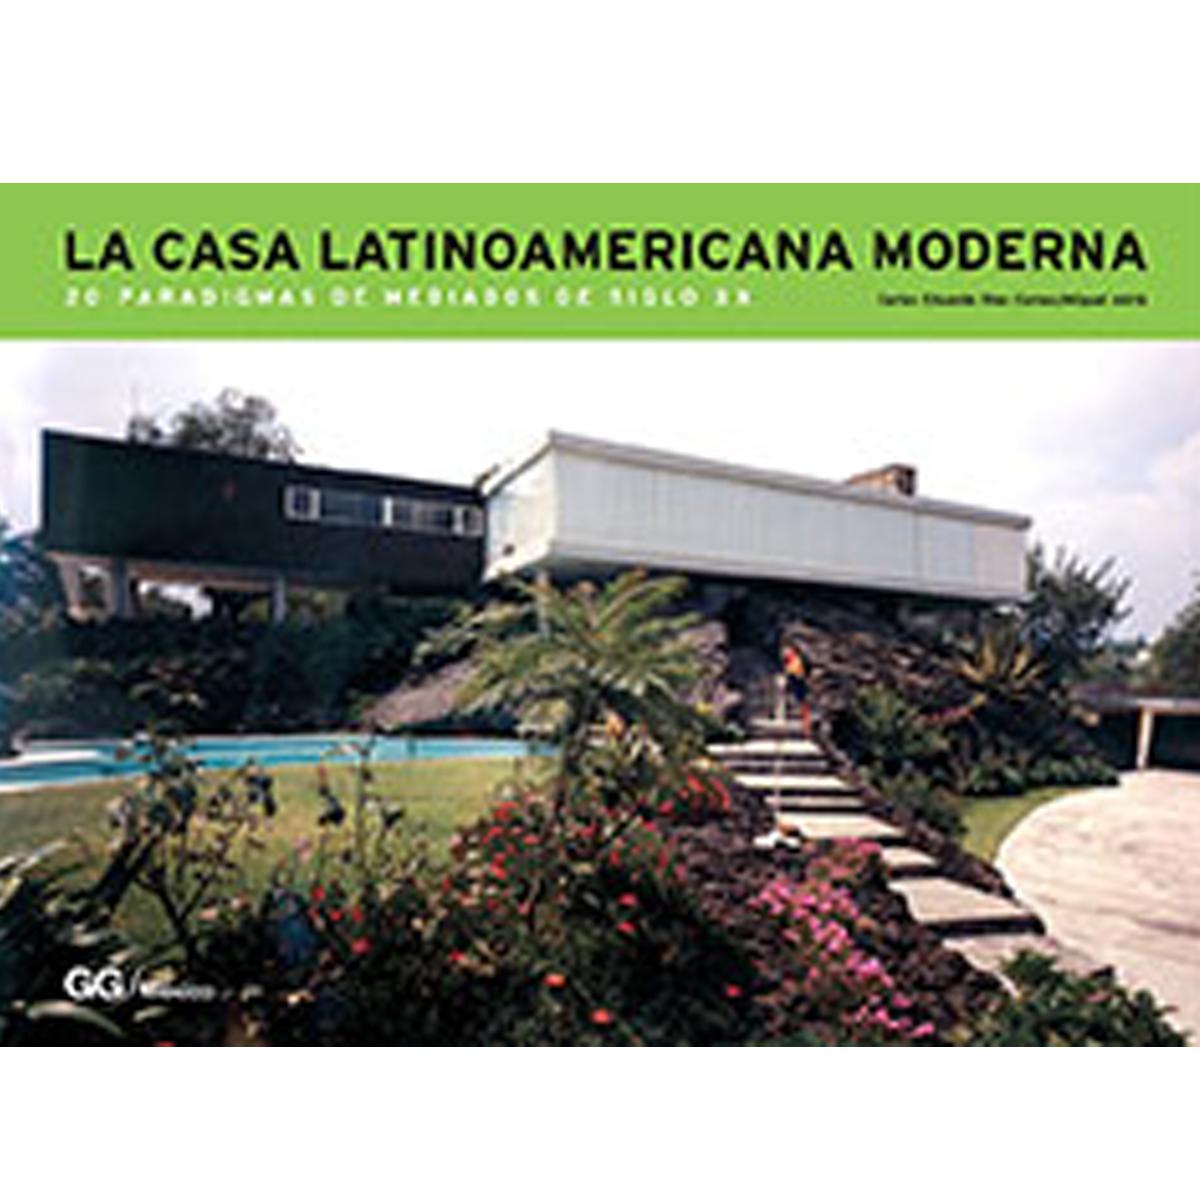 La casa latinoamericana moderna